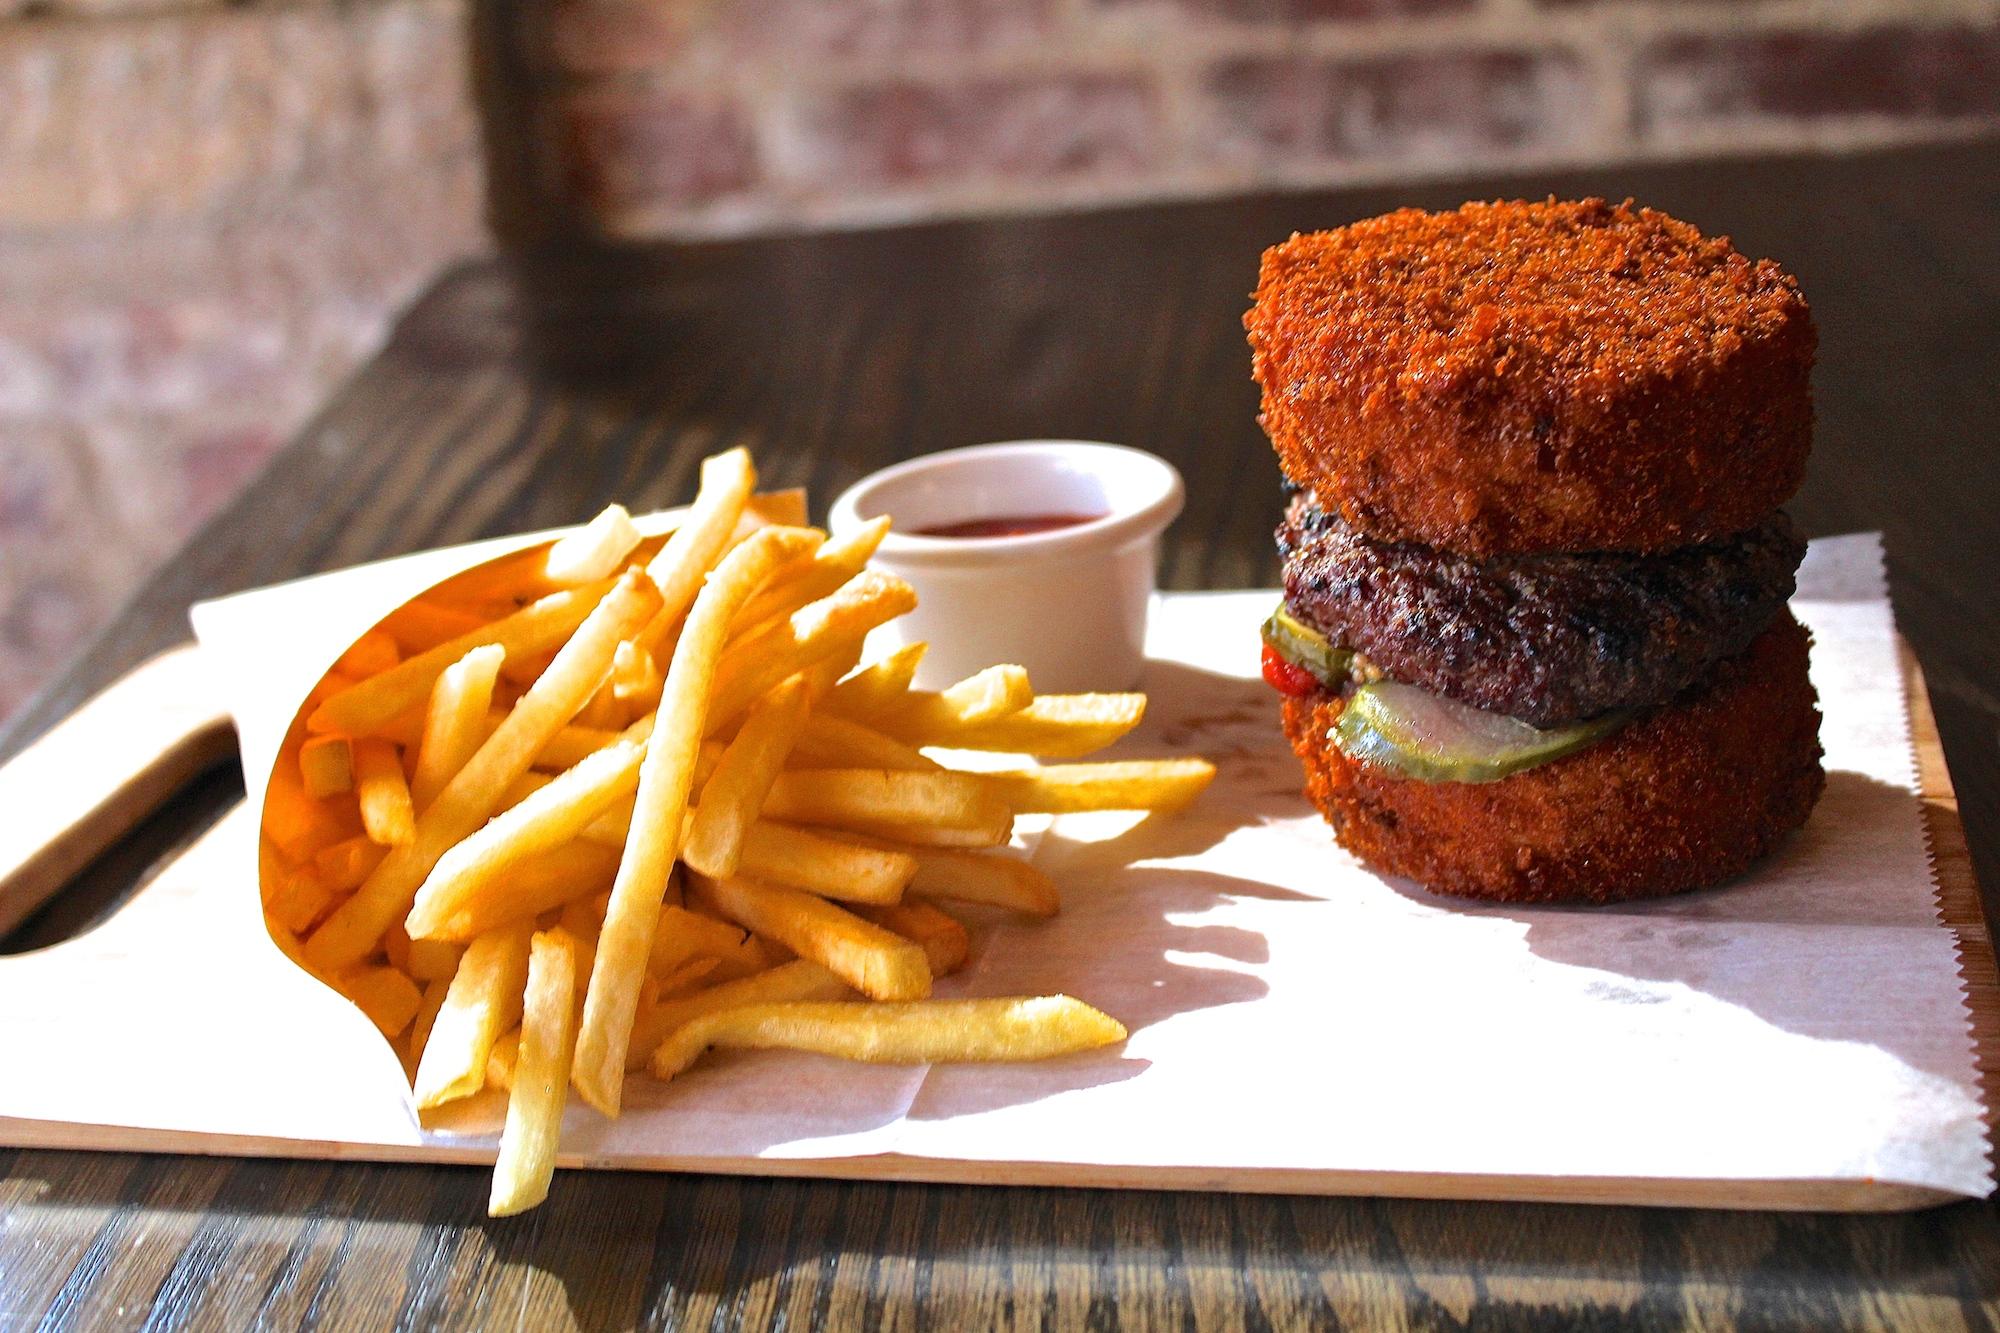 snowdonia-mac-and-cheese-burger.jpg